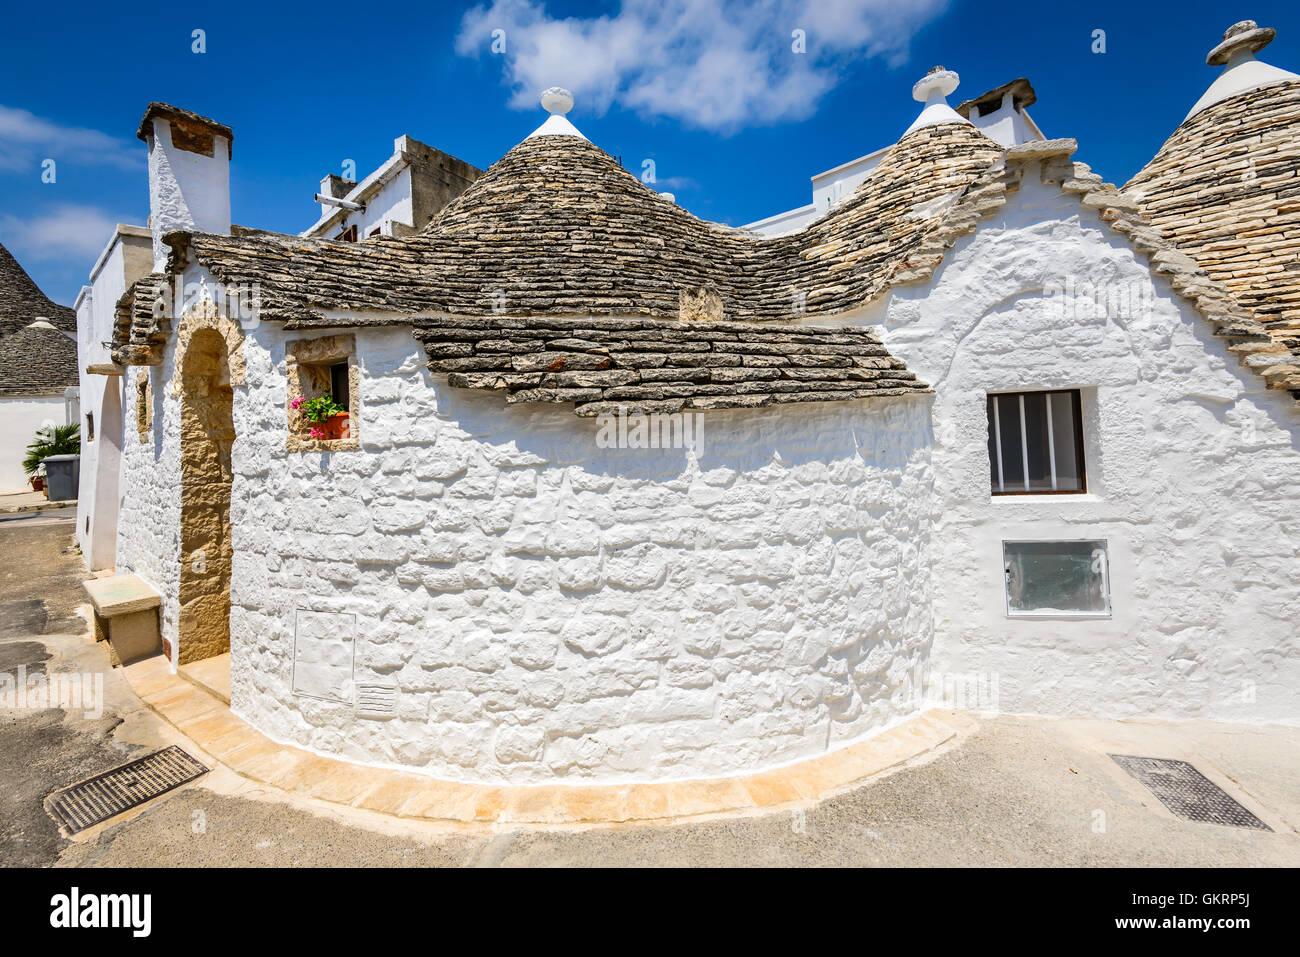 Alberobello, Italia, en la región de Apulia. Trulli exclusivas casas con techos cónicos. Trullo es una Imagen De Stock